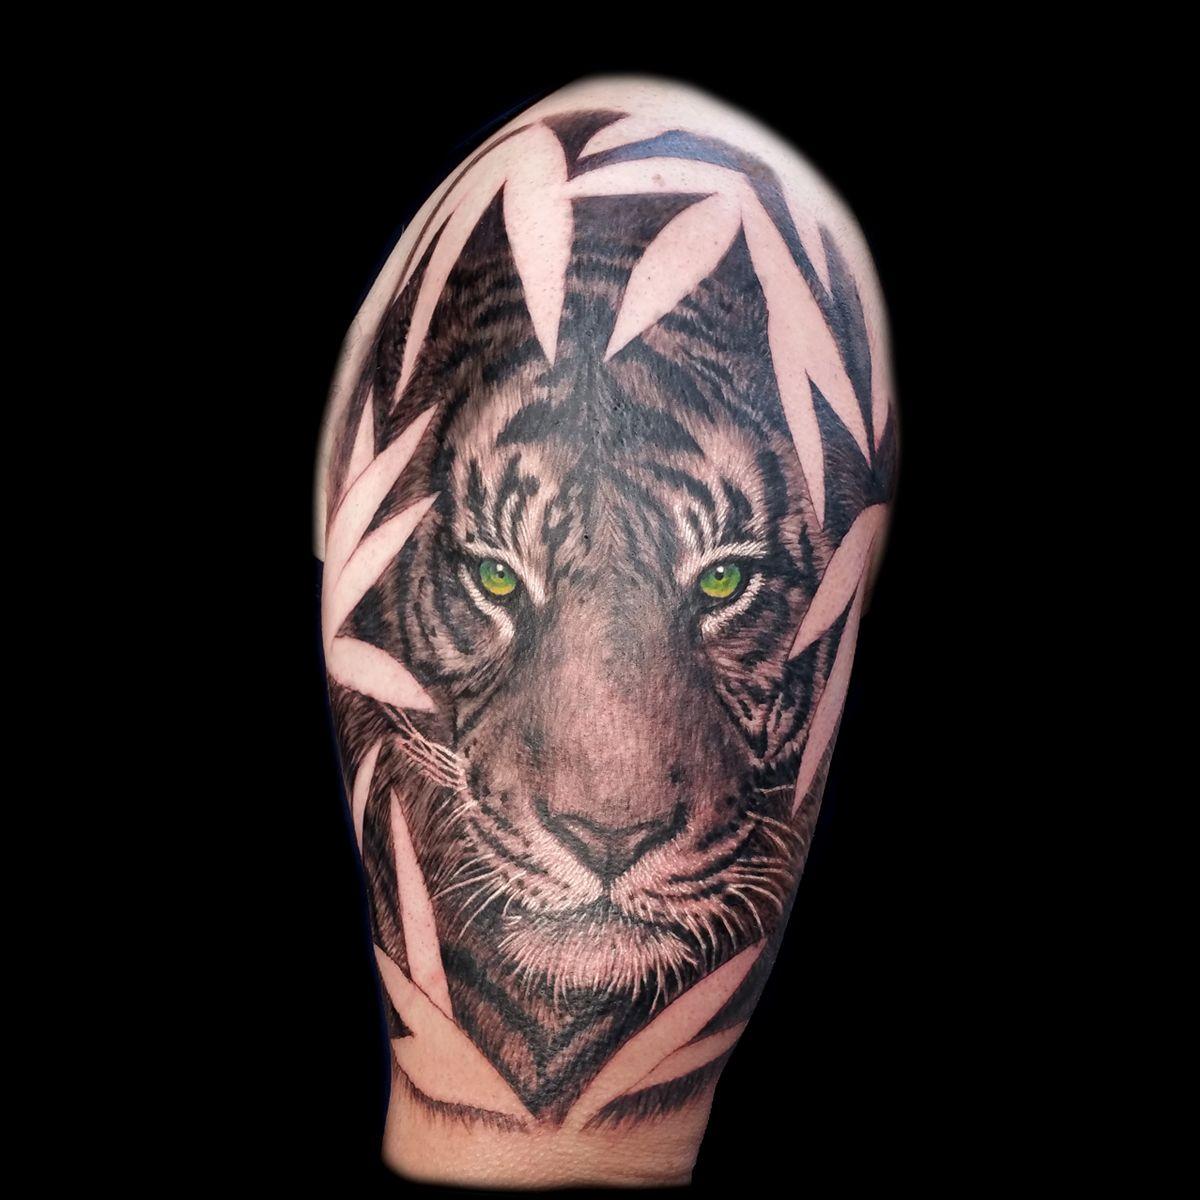 Top Realistic Tattoo Artist Realistic Tattoo Artists Tattoo Artists Tattoos Gallery